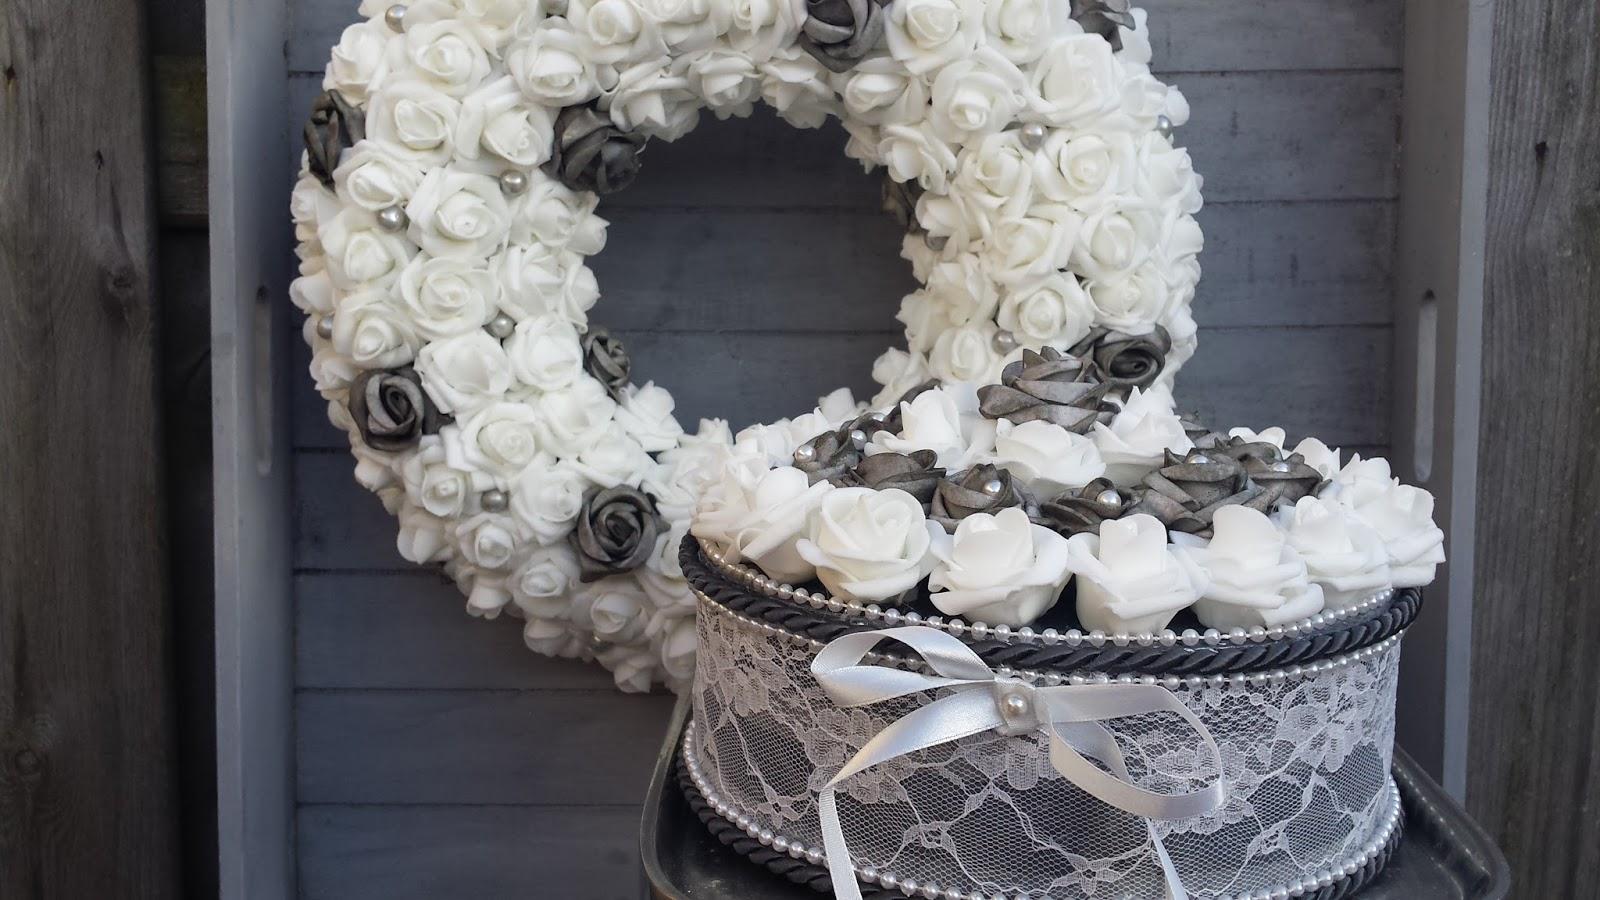 Wonderbaarlijk Décora decoraties: Krans met roosje in grijs met wit en KD-31